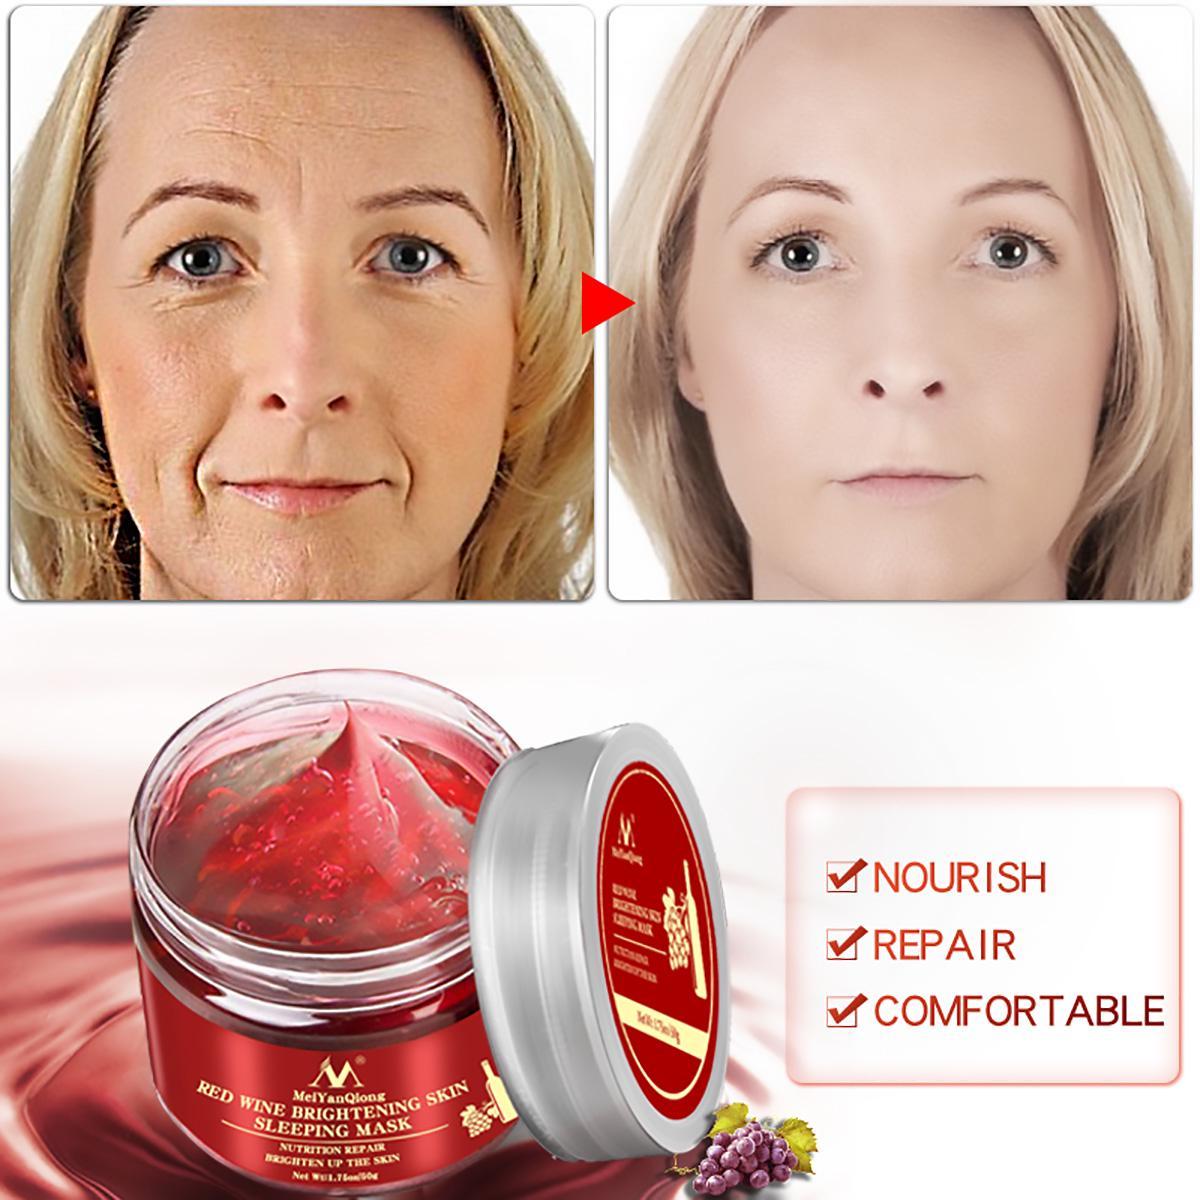 Красное вино Сущность Спящая лицевая маска отбеливание питательные маски увлажняющий ремонт питания фото